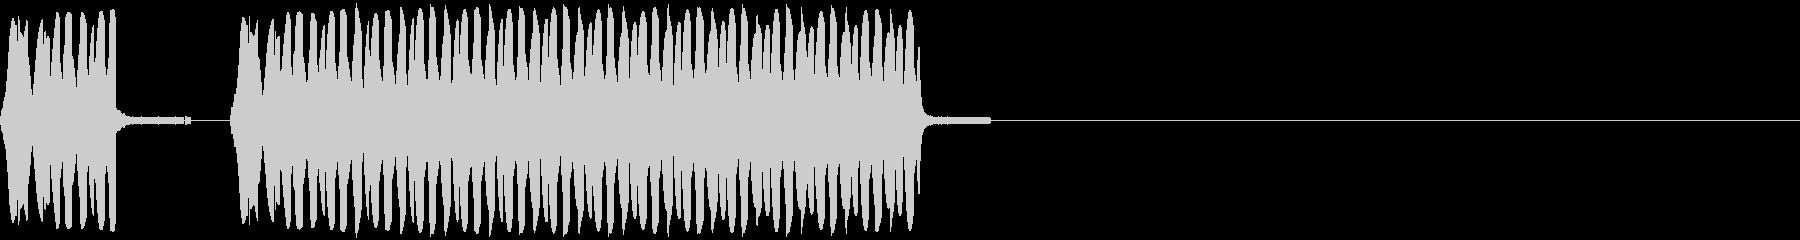 結構重めな不正解・NGの未再生の波形